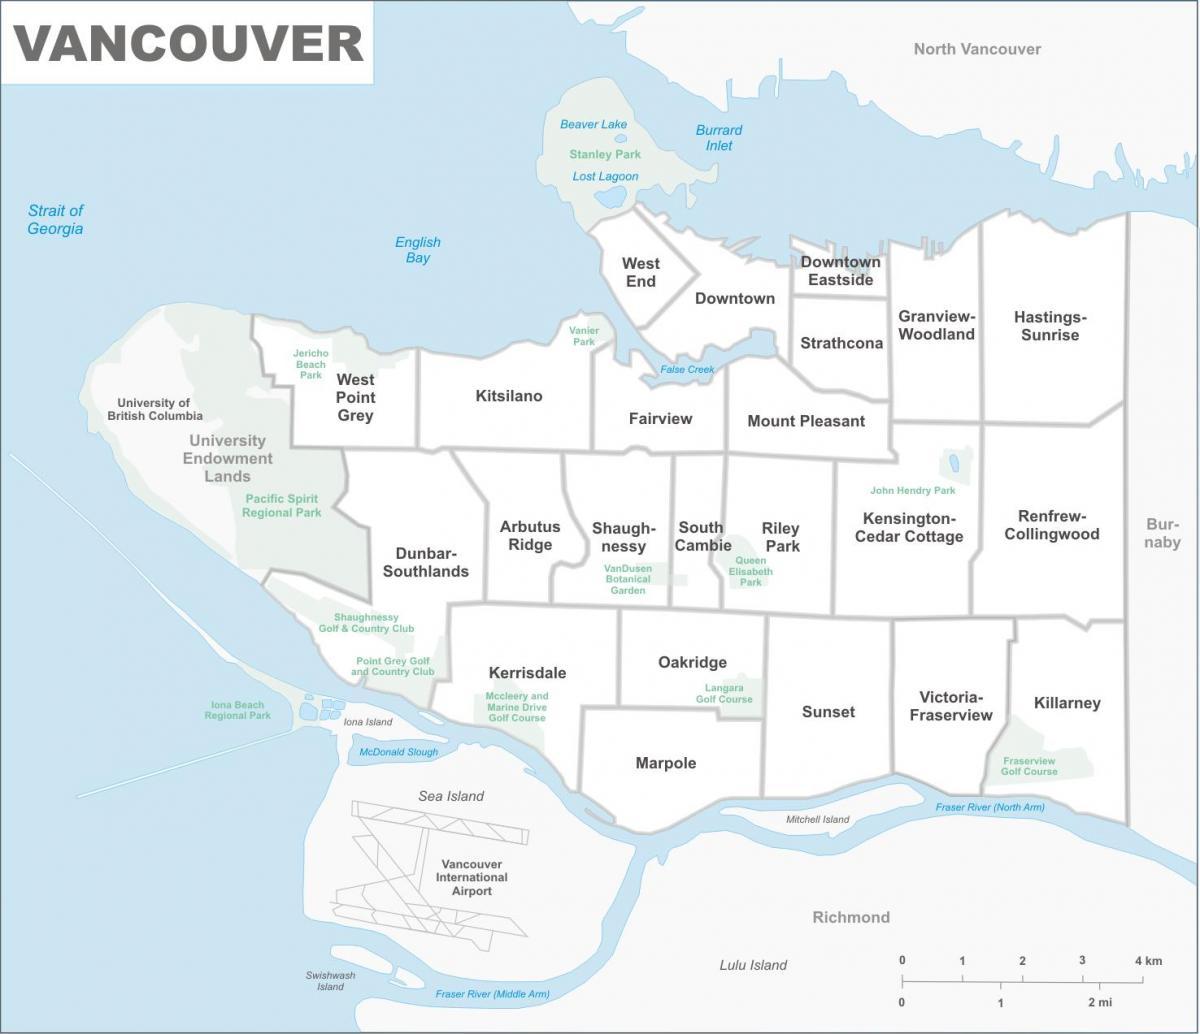 Vancouver Kiinteistovalitys Kartta Kartta Vancouver Omaisuutta